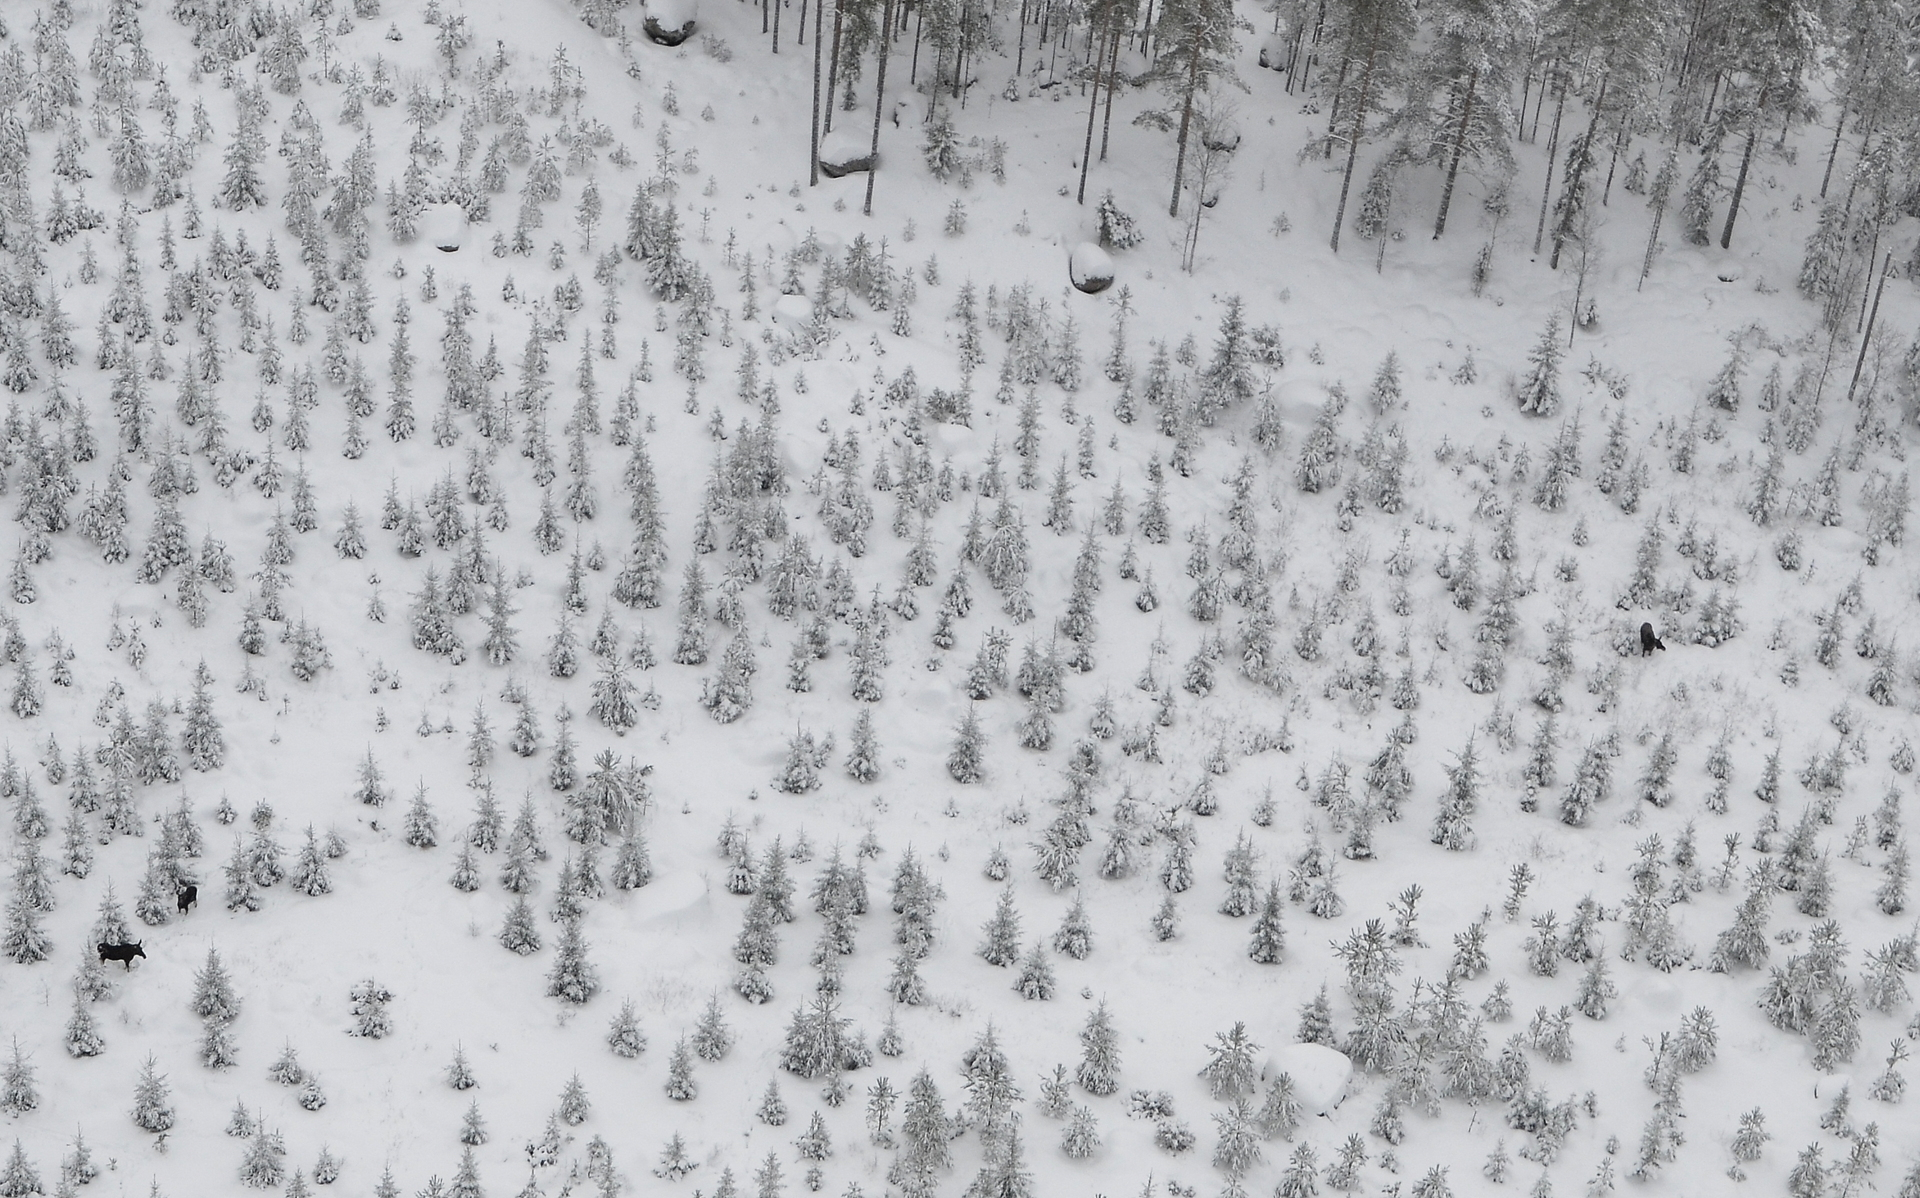 Äänekosken Koivistonkylällä hirvikarjaa 26.12.2017